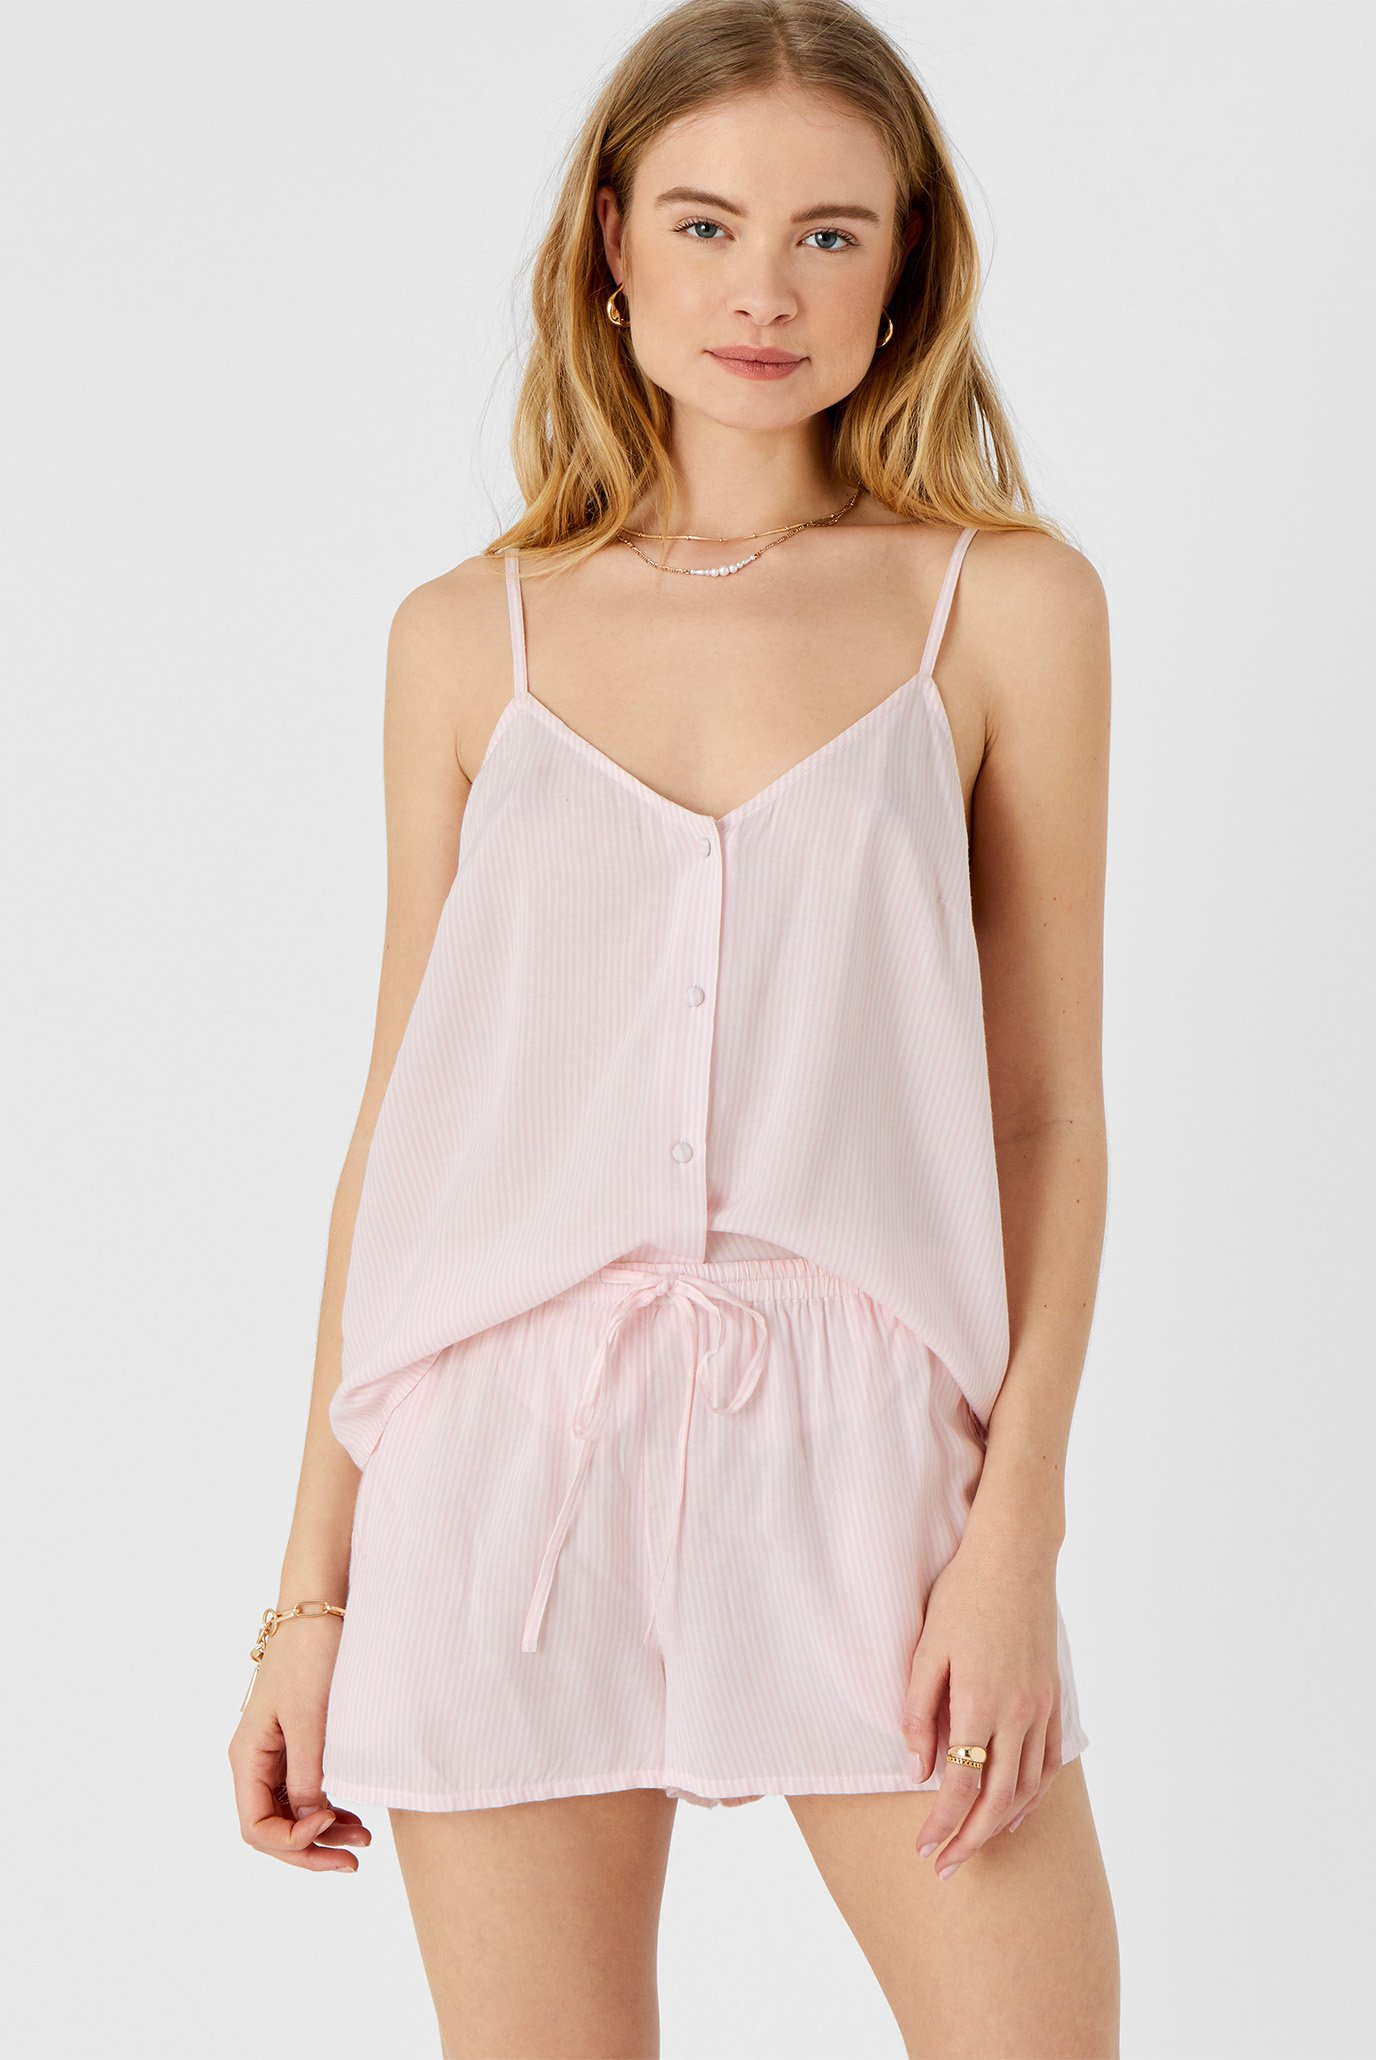 Женская розовая пижама (топ, шорты) STRIPE VEST SET 1